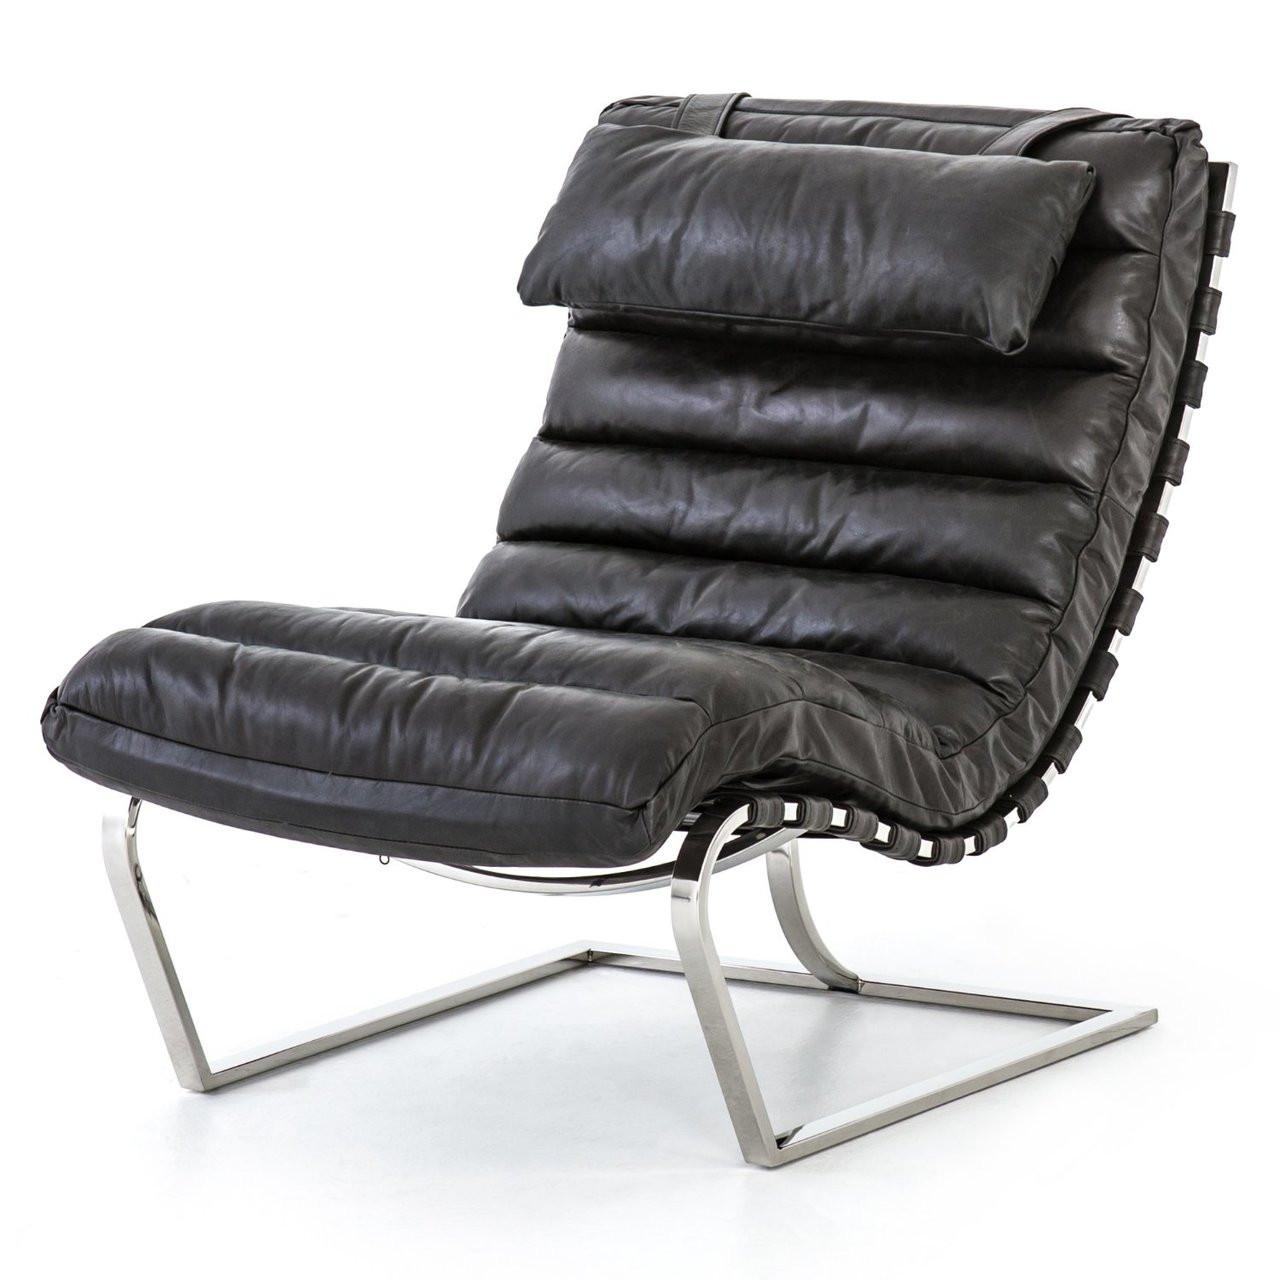 Ebony Leather ChairZin Goodwyn Fourhands Home Lounge Mr SUzMGVqp